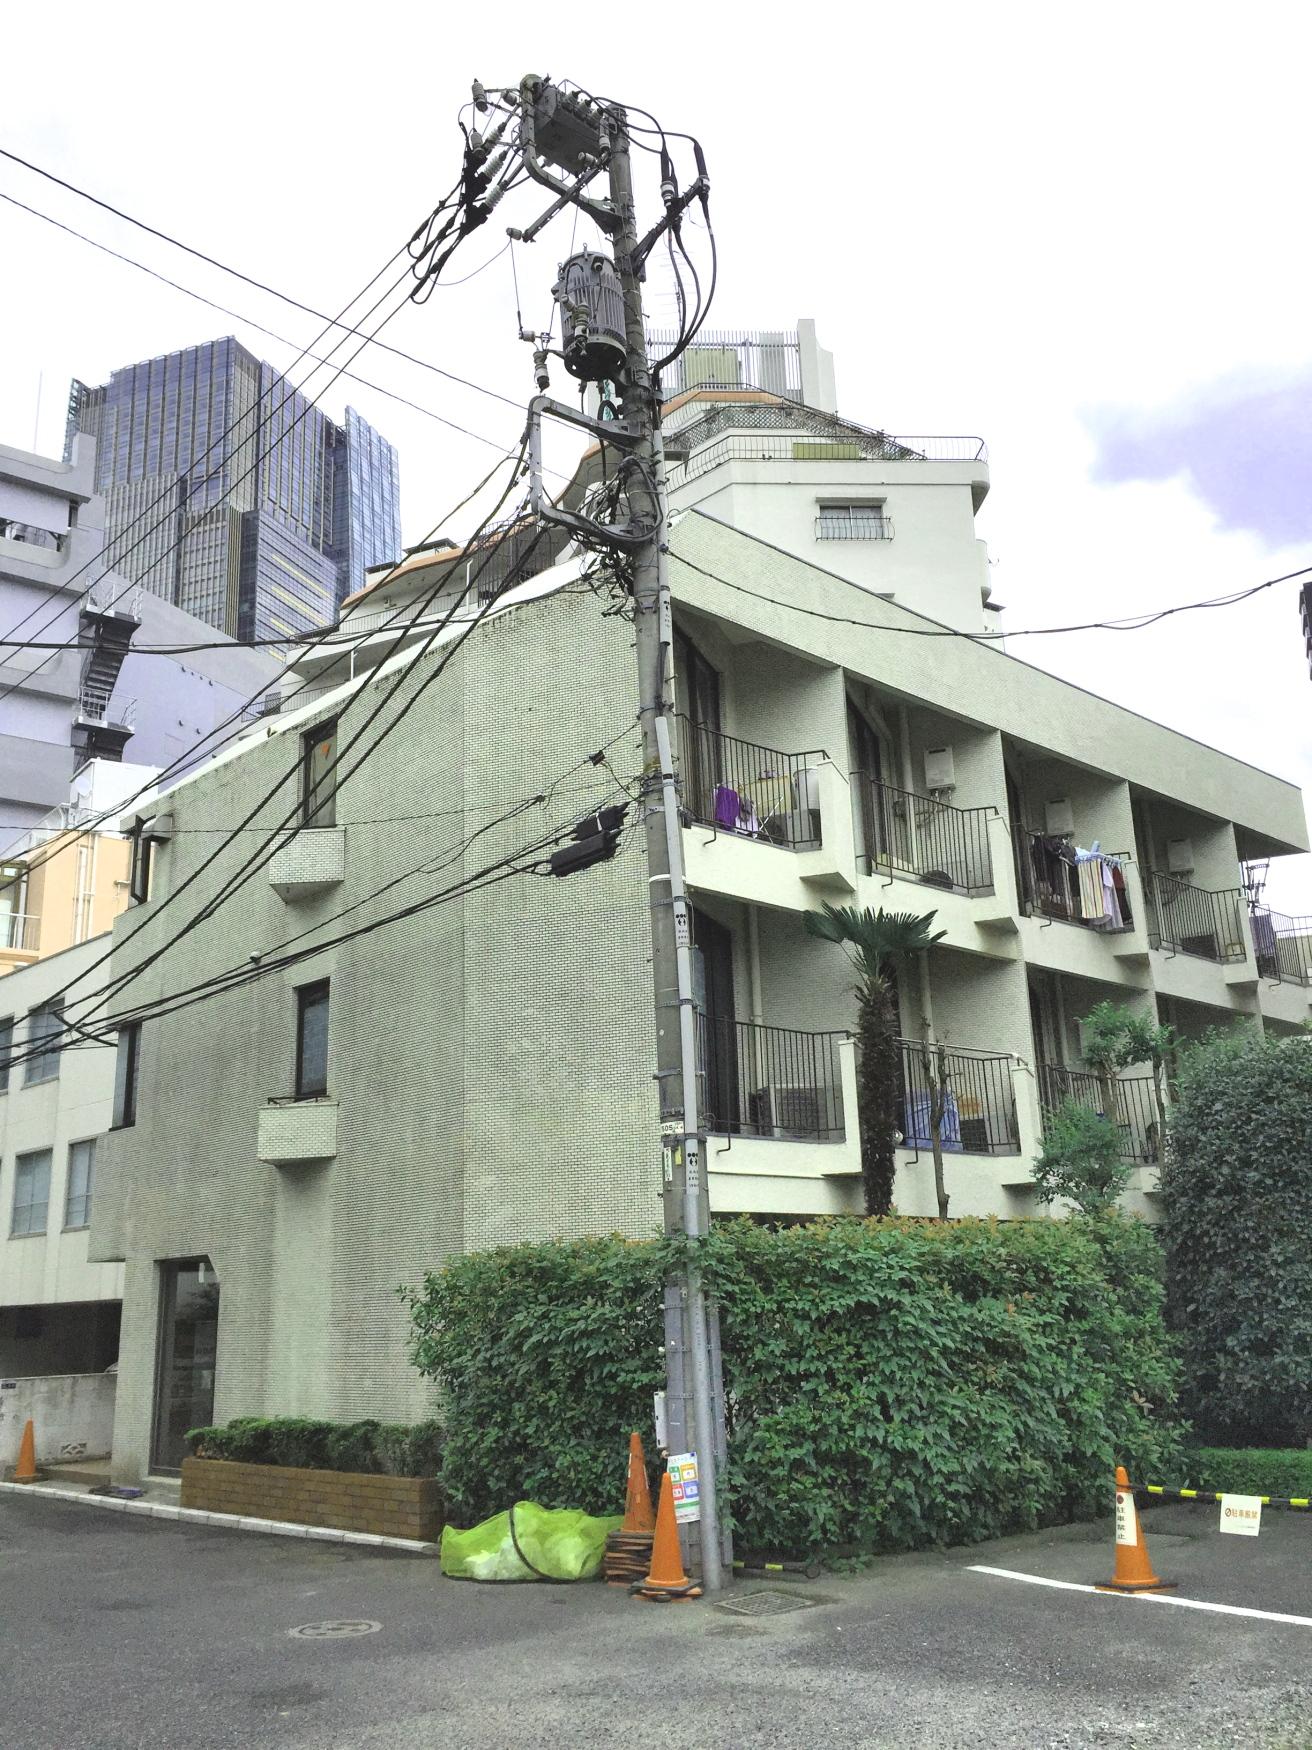 東京ミッドタウンもすぐそこ!賃貸ワンルームマンション 18.75㎡ 乃木坂駅徒歩2分